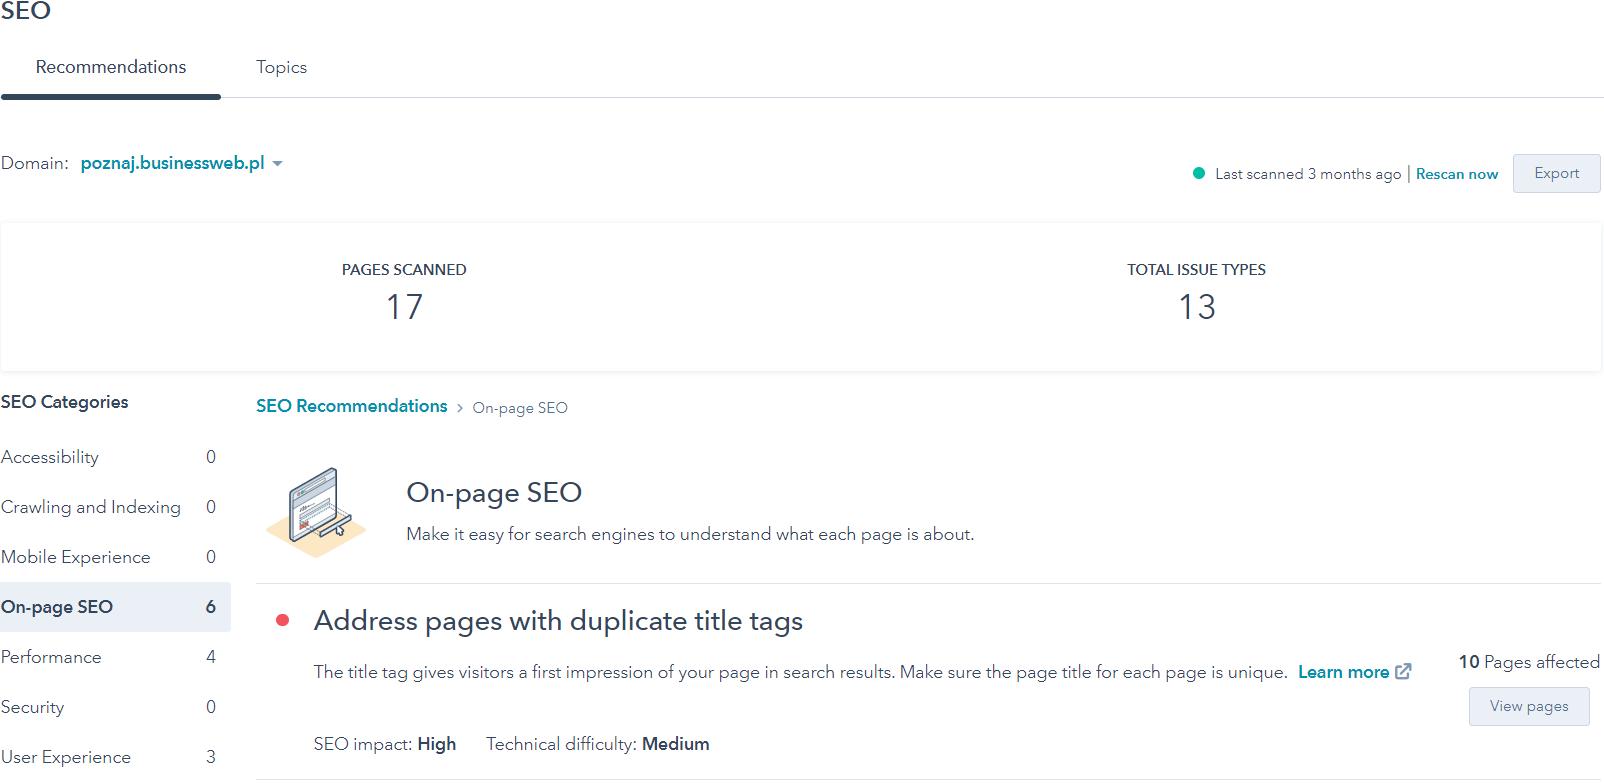 Zobacz jakie rekomendacje SEO generuje narzędzie HubSpot